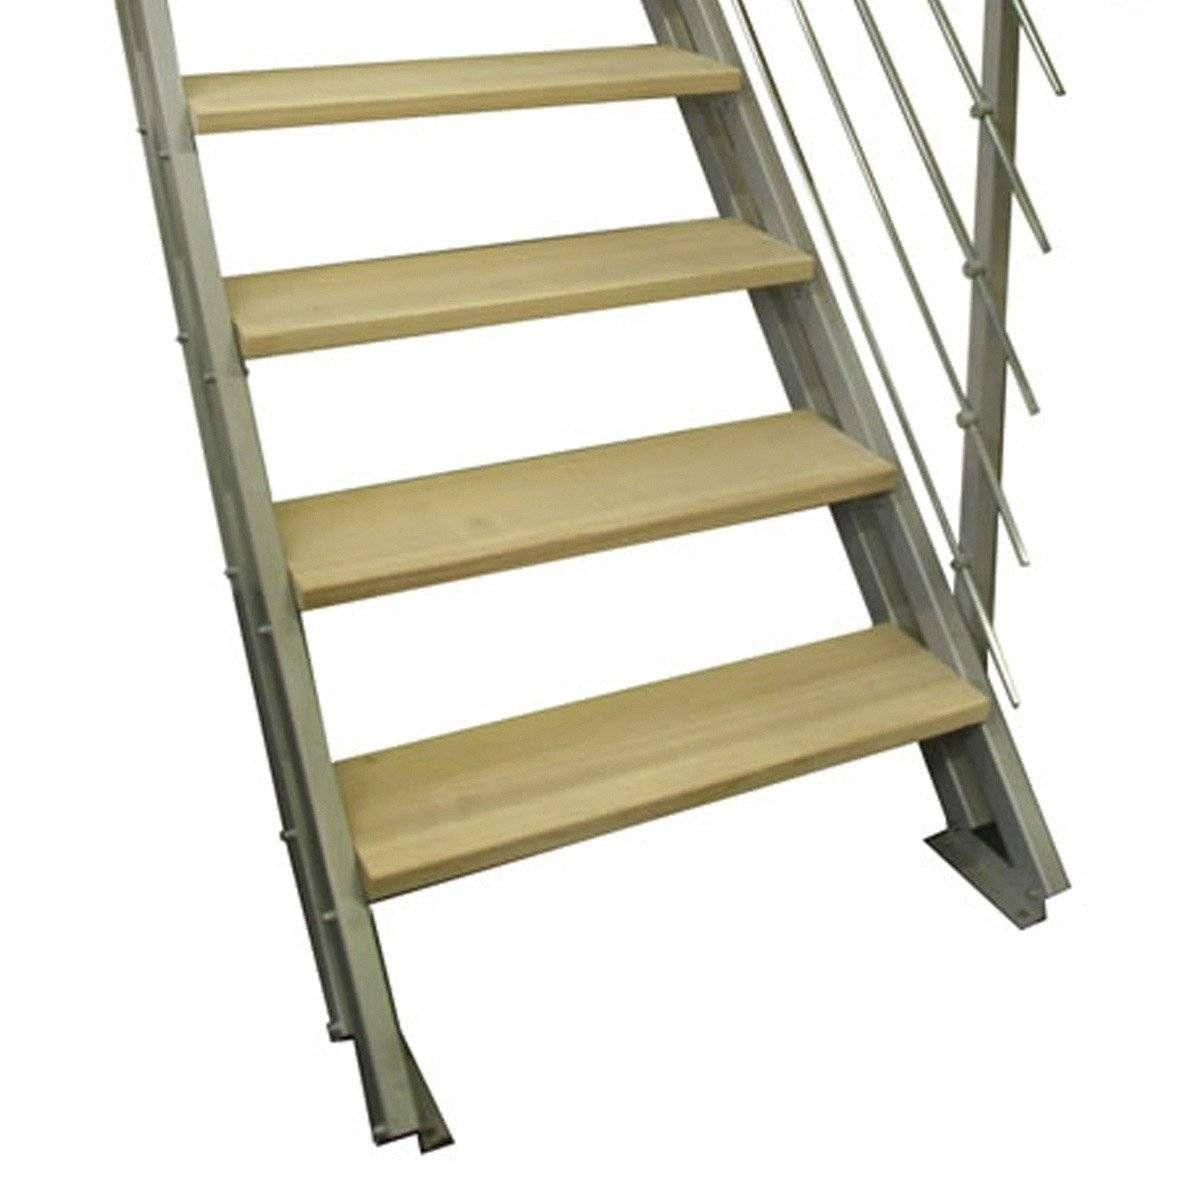 Escalier Exterieur En Kit Leroy Merlin Escalier Modulaire Escavario Structure Acier Marche Bo In 2020 Galva Home Decor Decor